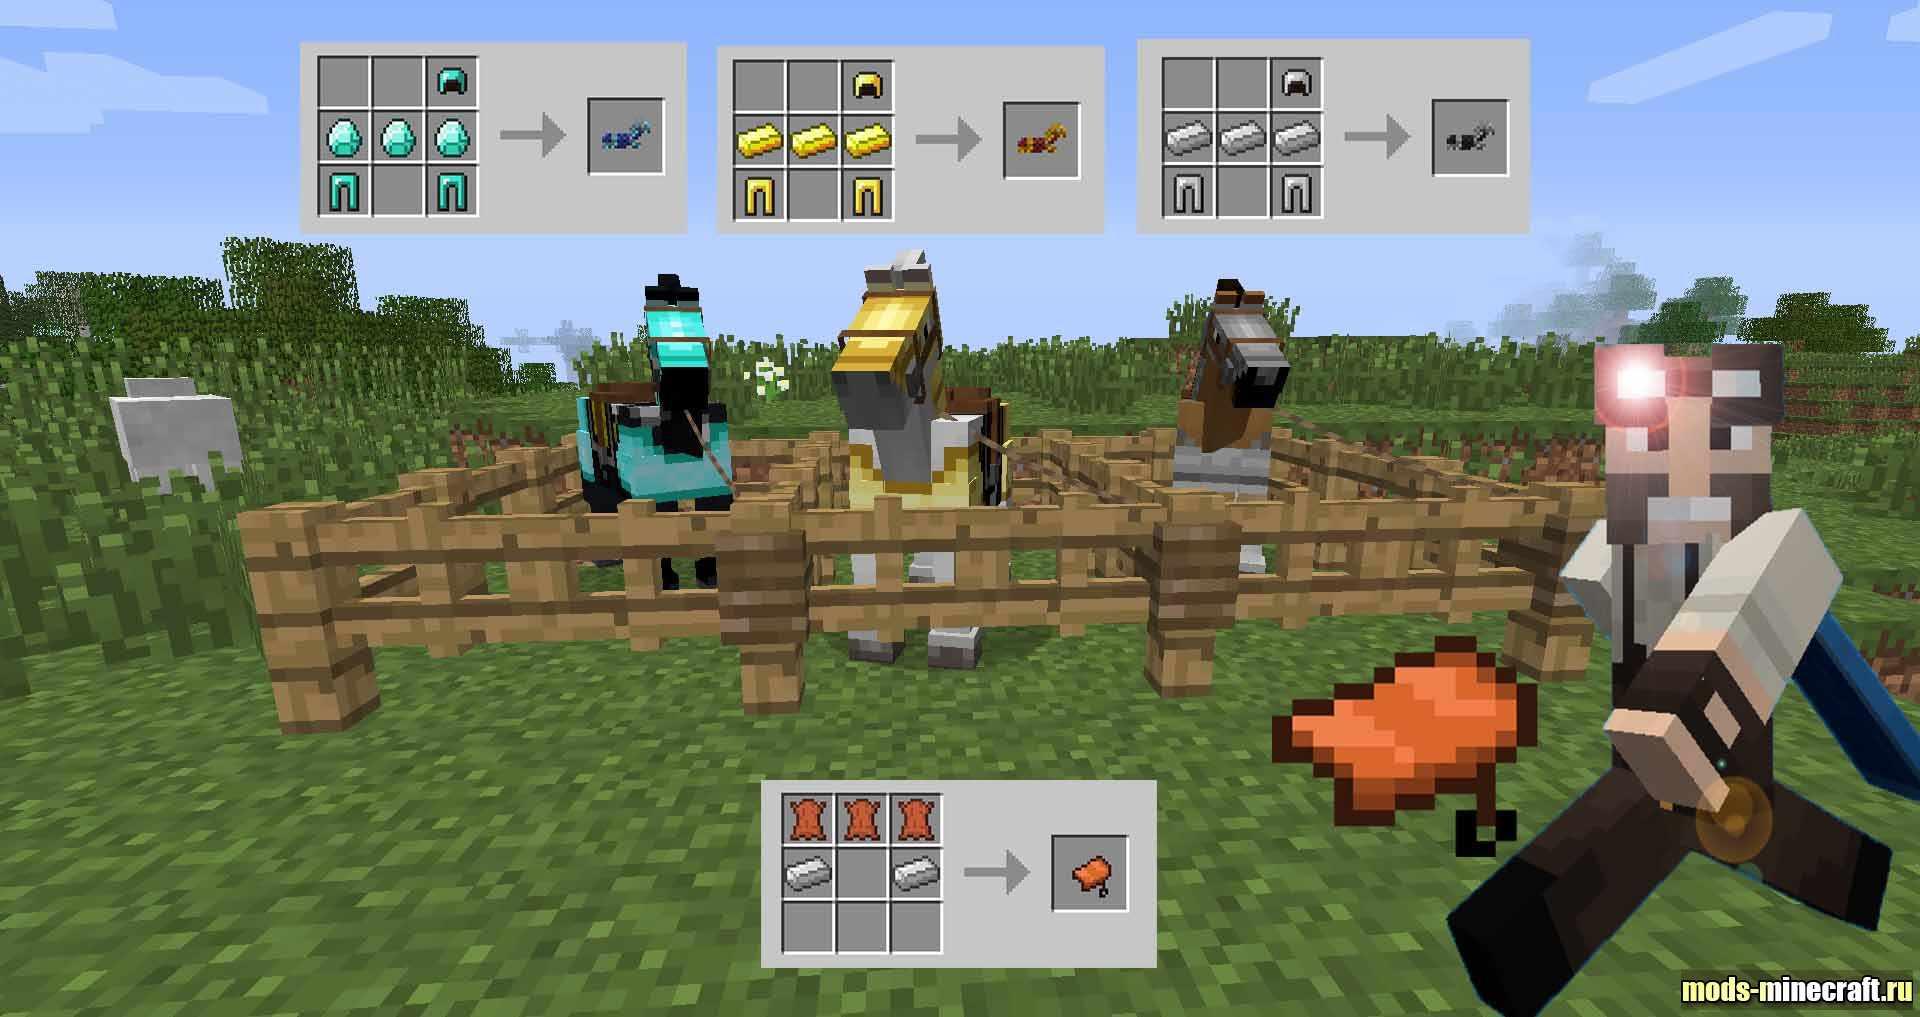 як зробити сидло на коня в майнкрафт #6